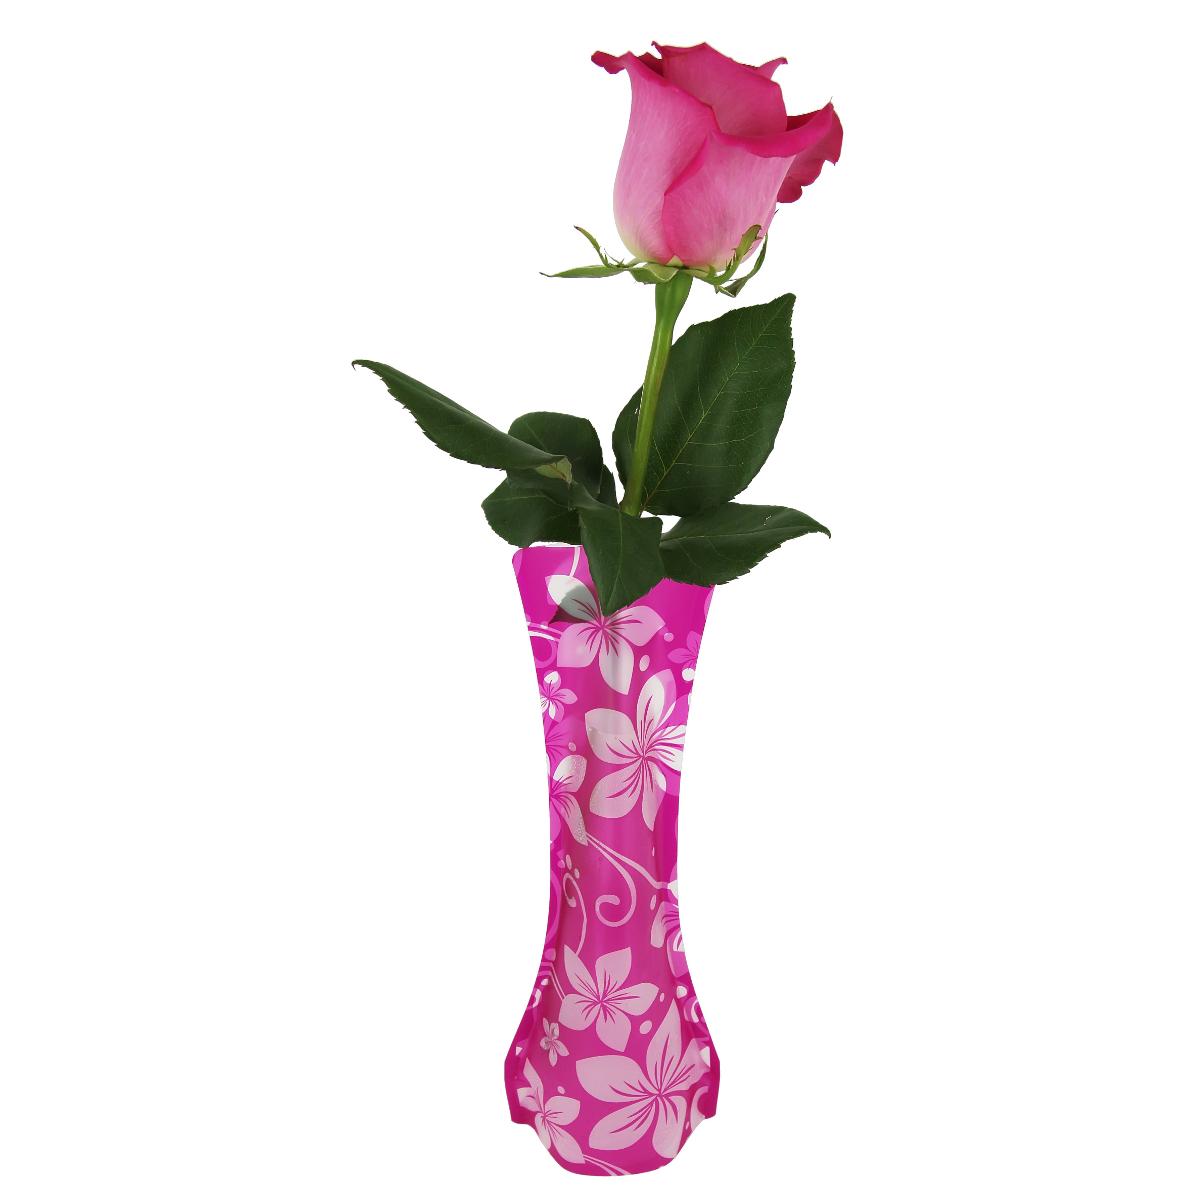 Ваза МастерПроф Красная орхидея, пластичная, 0,4 лCM000001326Пластичная ваза Красная орхидея легко складывается, удобно хранится - занимает мало места, долго служит. Всегда пригодится дома, в офисе, на даче, для оформления различных мероприятий. Отлично подойдет для перевозки цветов, или просто в подарок.Инструкция: 1. Наполните вазу теплой водой;2. Дно и стенки расправятся;3. Вылейте воду;4. Наполните вазу холодной водой;5. Вставьте цветы.Меры предосторожности:Хранить вдали от источников тепла и яркого солнечного света. С осторожностью применять для растений с длинными стеблями и с крупными соцветиями, что бы избежать опрокидывания вазы.